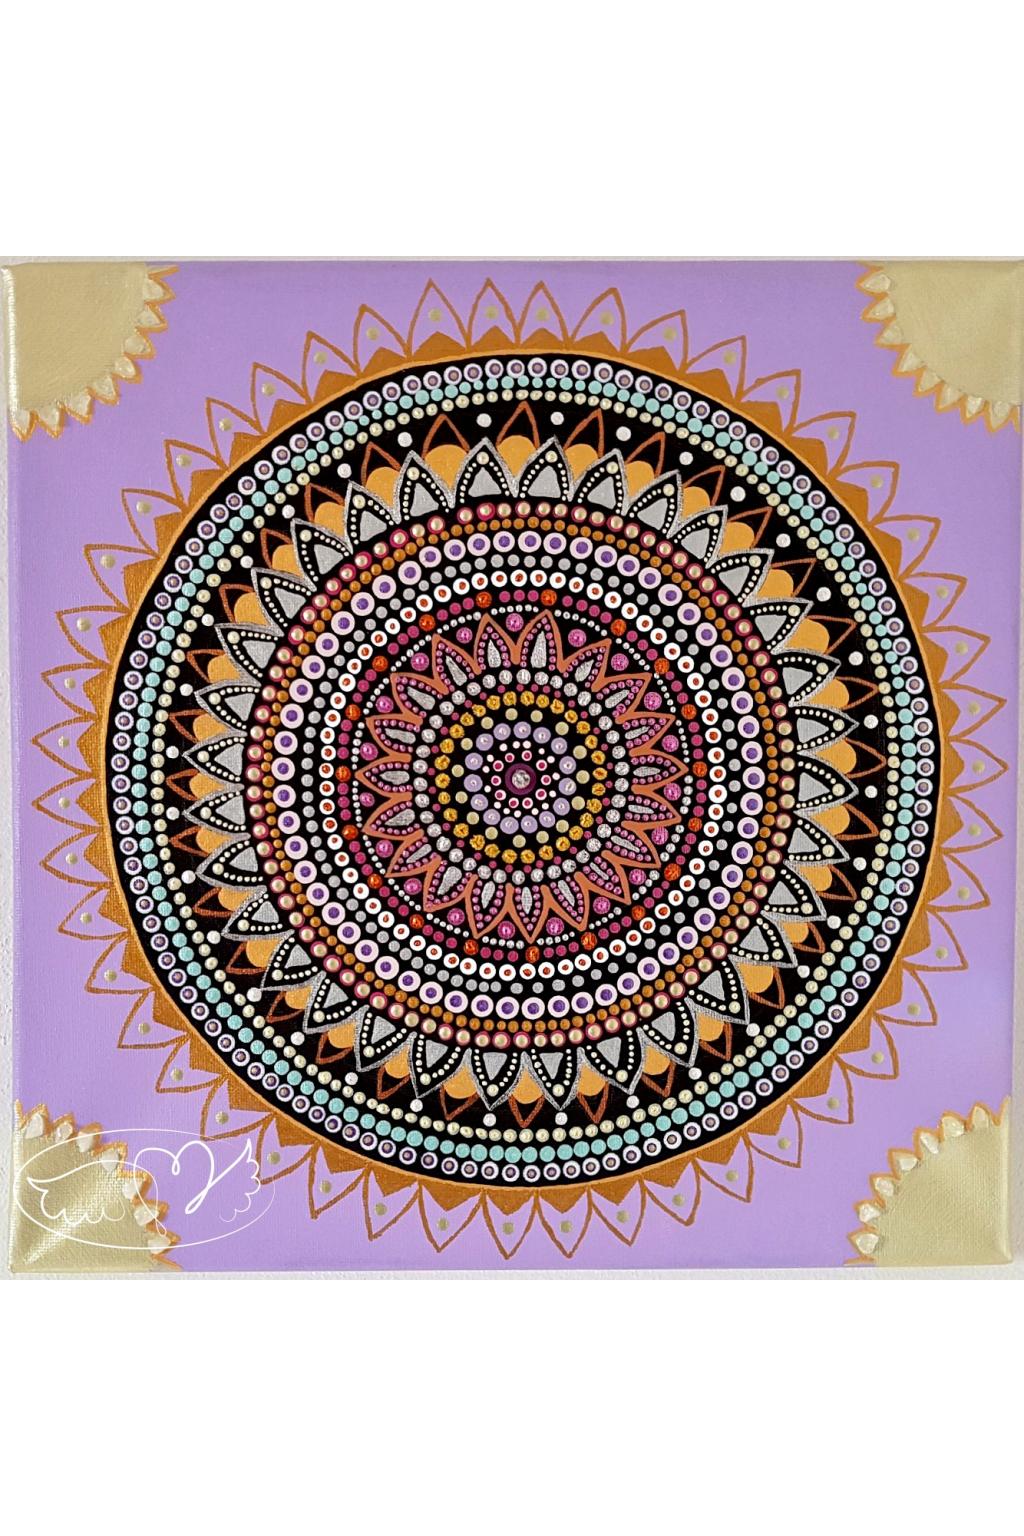 Mandala - Životní poslání 30x30cm53072443 448425715732646 4436108391022067712 o